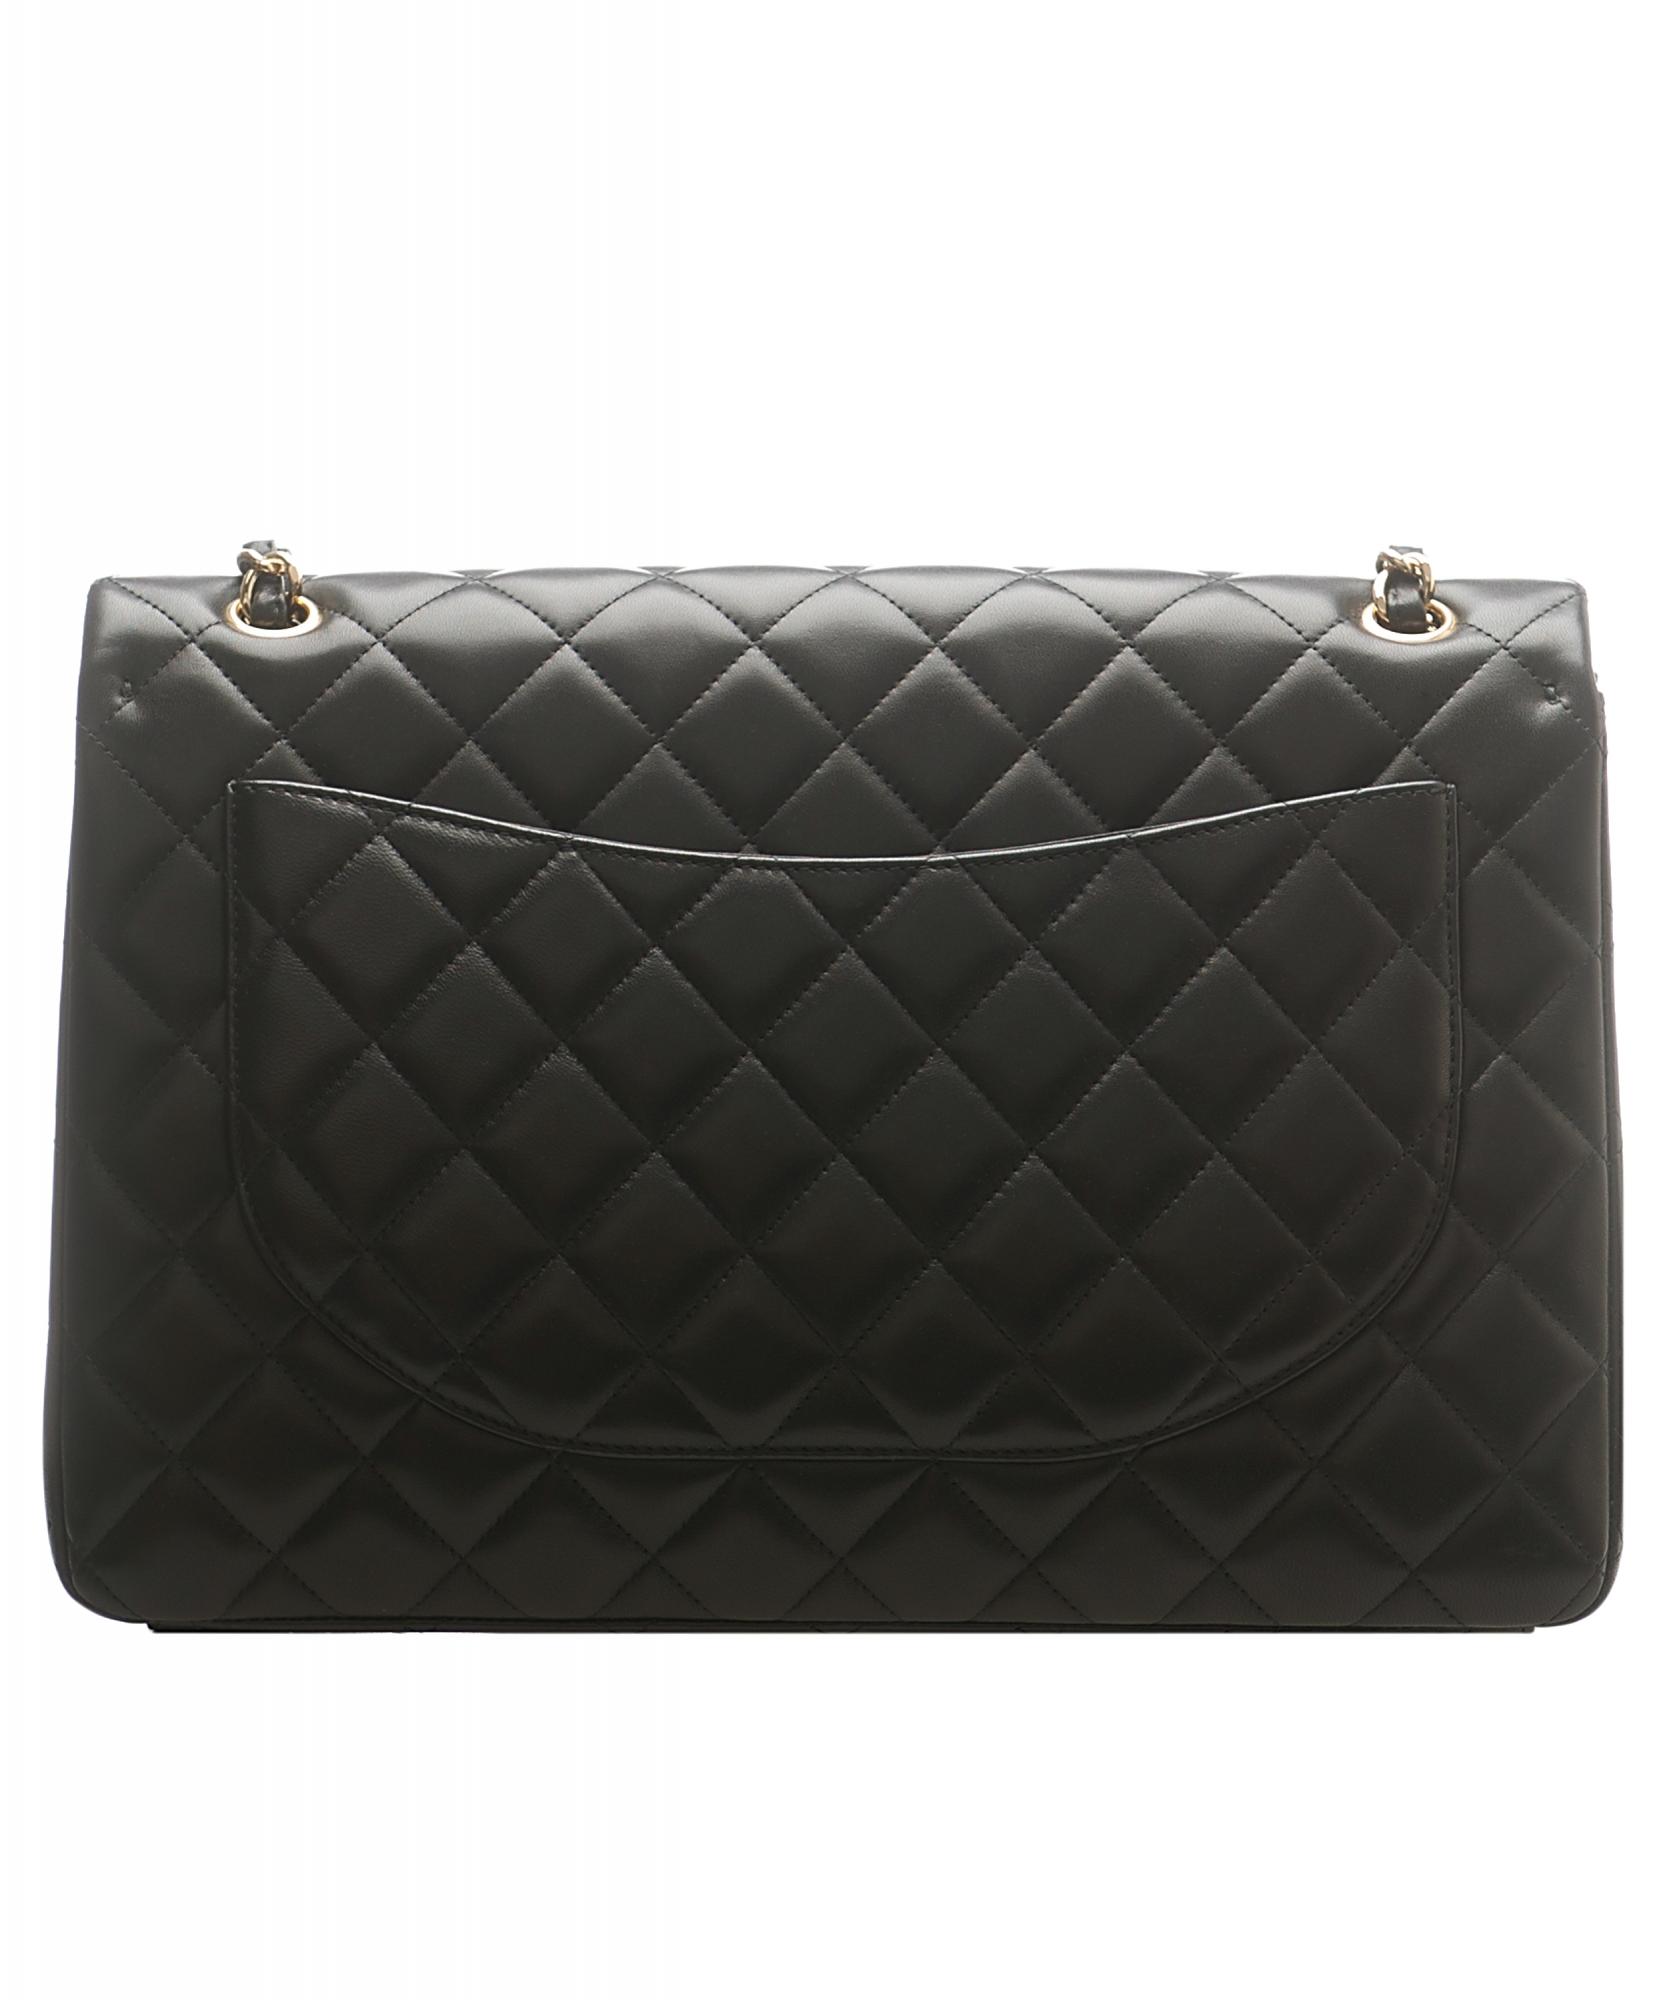 3f9faee366fd Chanel Classic Single GHW Flap Bag - Maxi